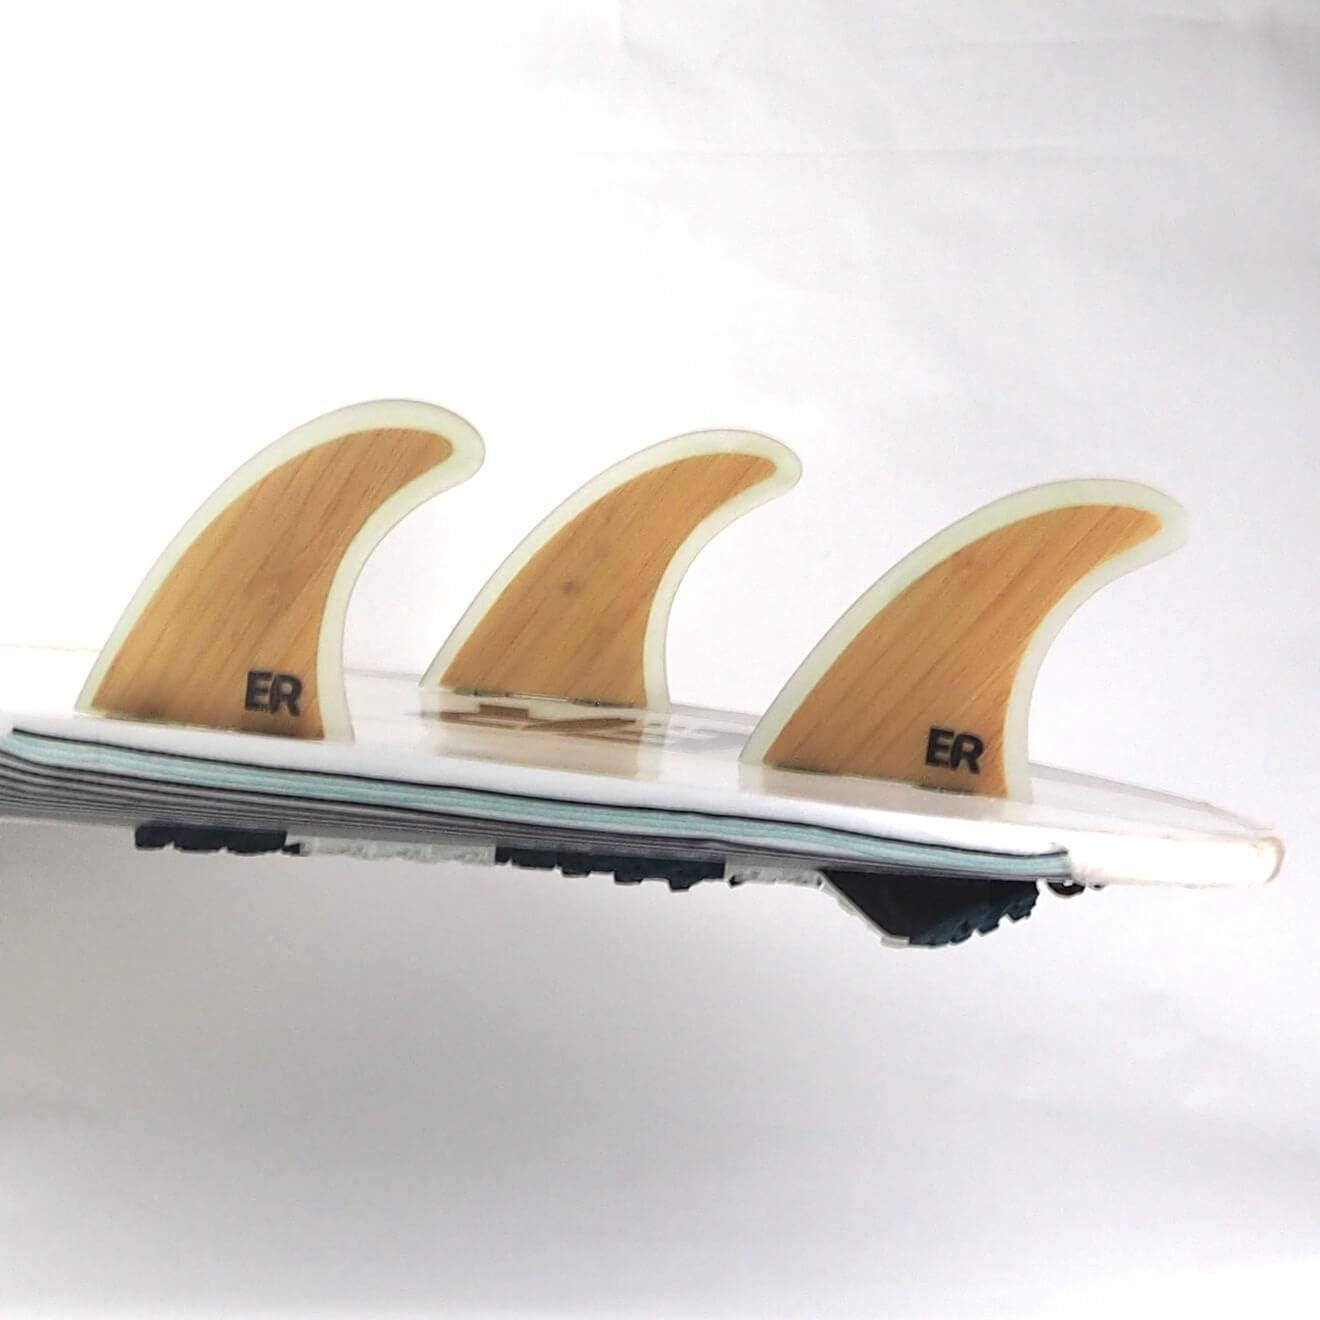 Finnen Flossen f/ür Surfbrett und SUP Gr/ö/ße Medium Eisbach Riders Surfboard FCS Bamboo Fiberglass Fin Thruster Set mit Fin Key